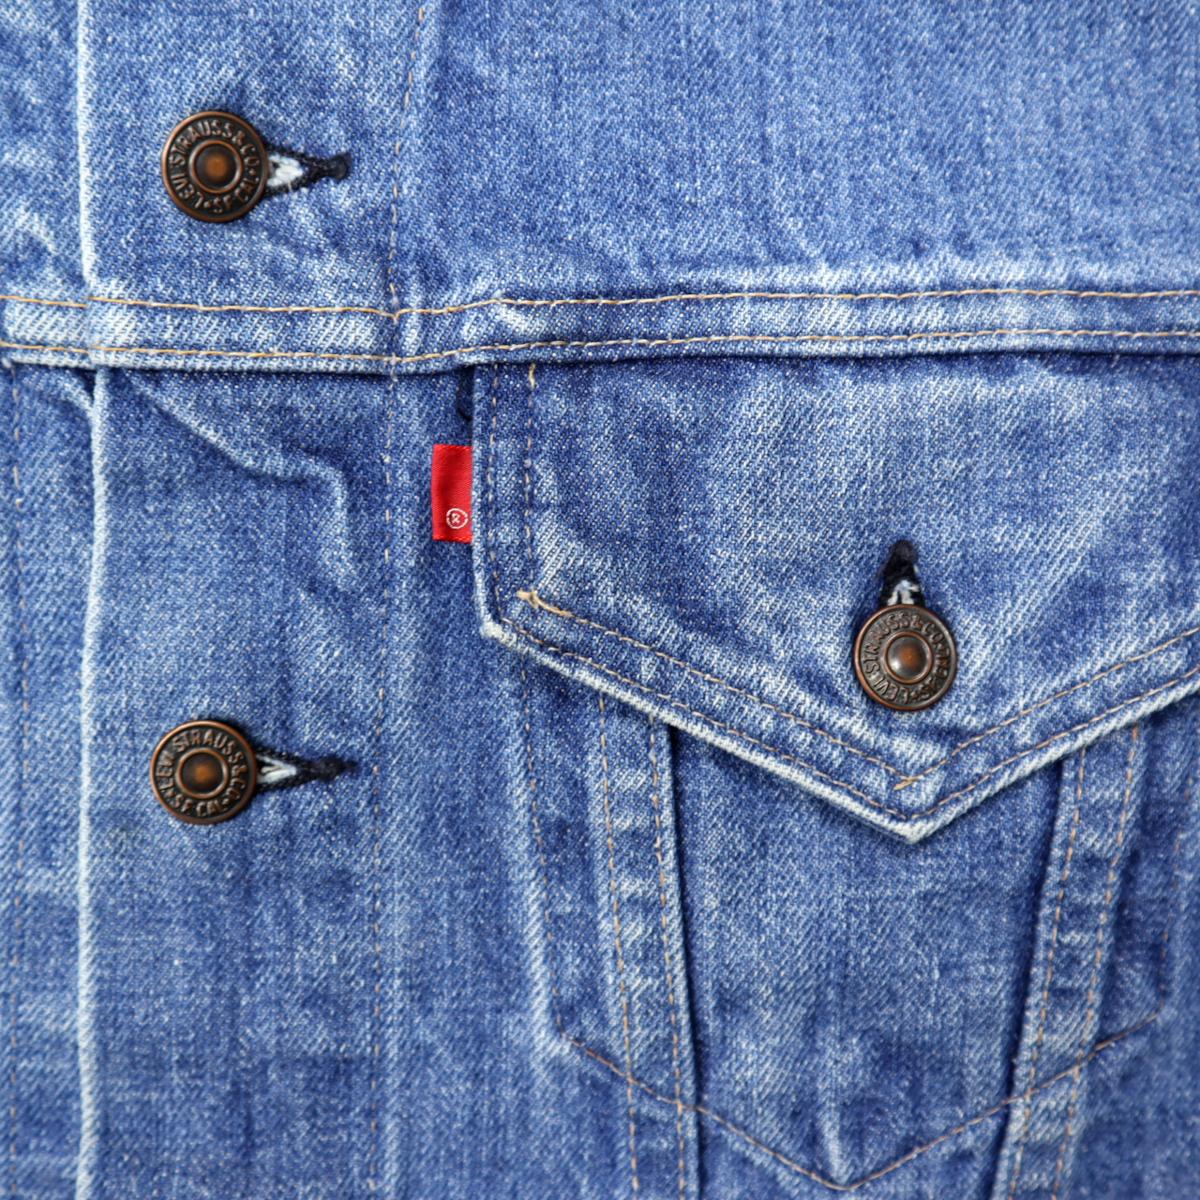 ☆送料無料☆ 70s ビンテージ LEVIS リーバイス 70505 スモールe USA製 デニム ジャケット Gジャン ジージャン ワーク 70年代 古着 刺繍_画像6